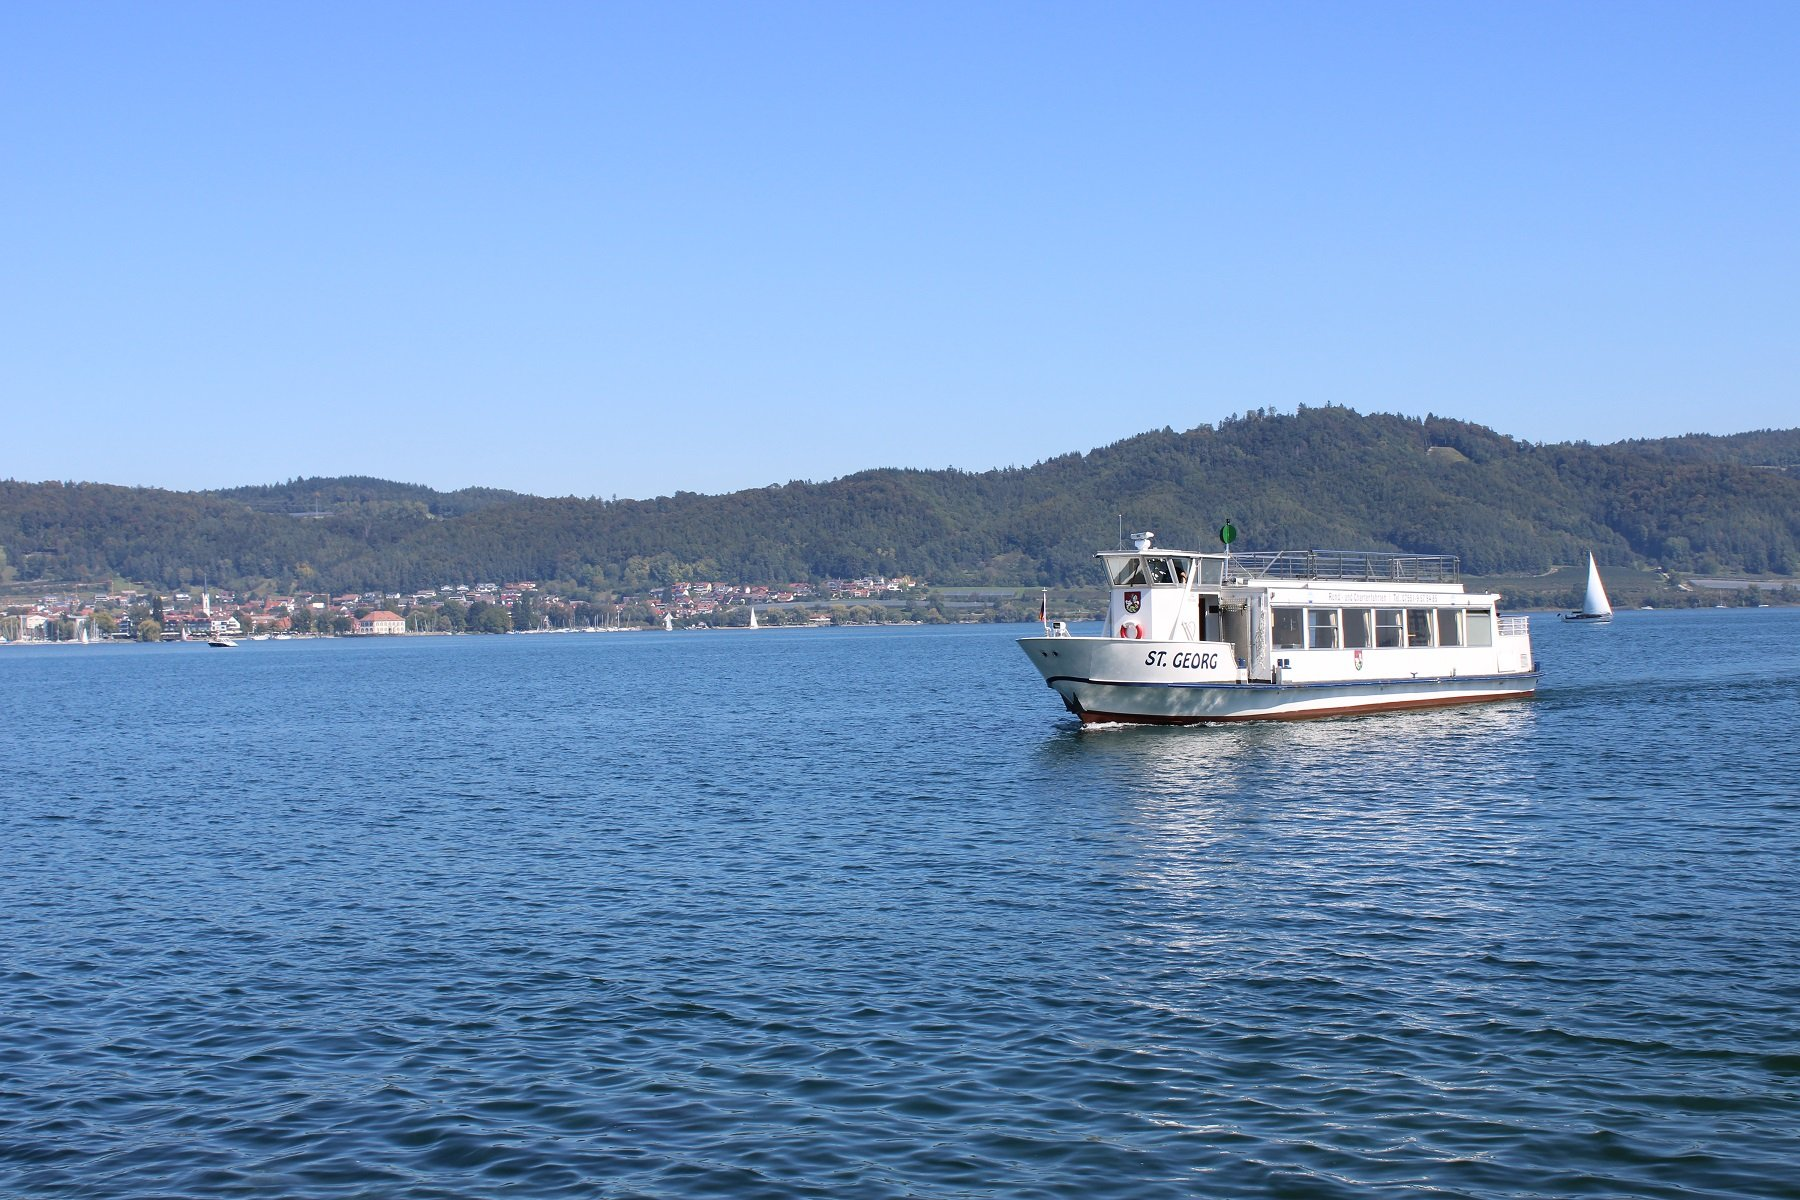 St. Georg auf dem Überlinger See